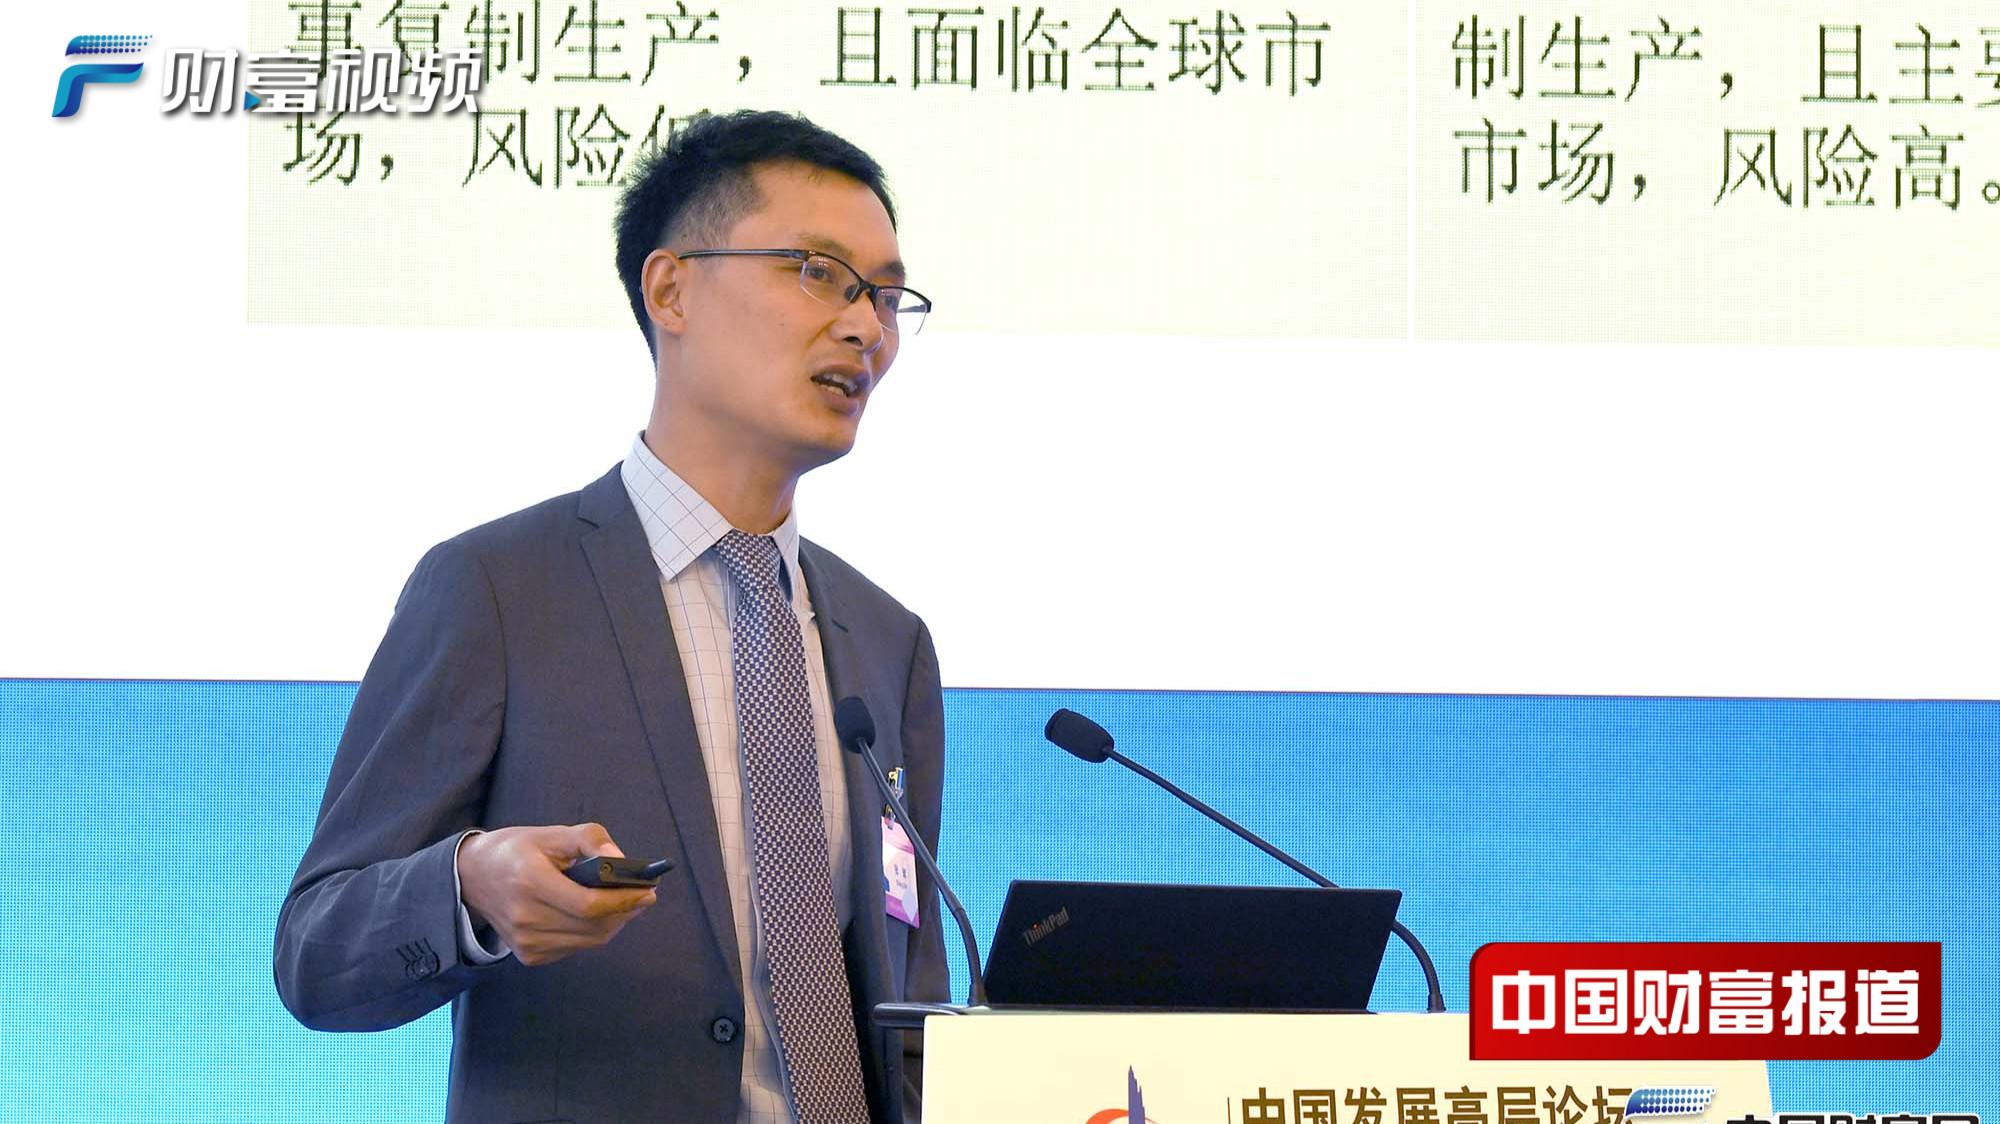 【中国财富报道】张斌:对中国资本市场发展整体乐观